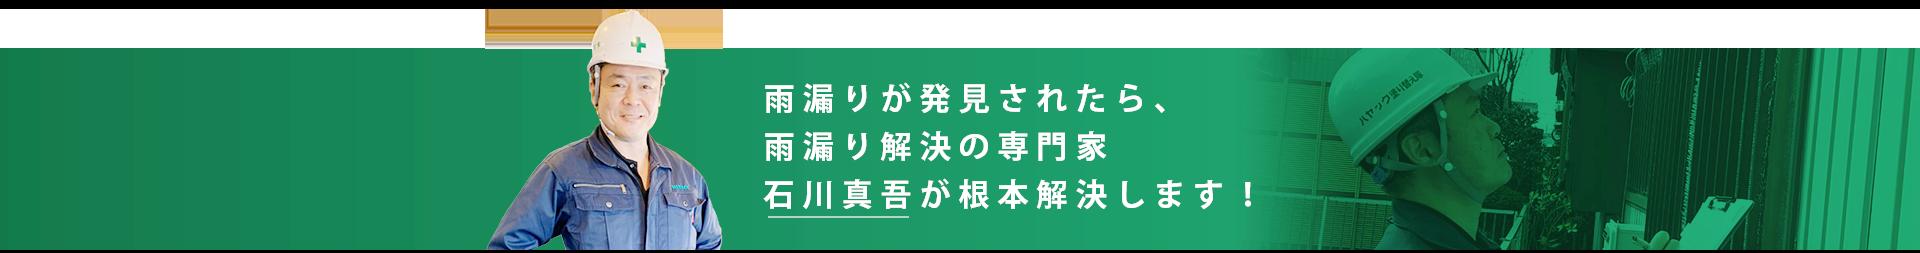 雨漏りが発見されたら、雨漏り解決の専門家石川真吾が根本解決します!